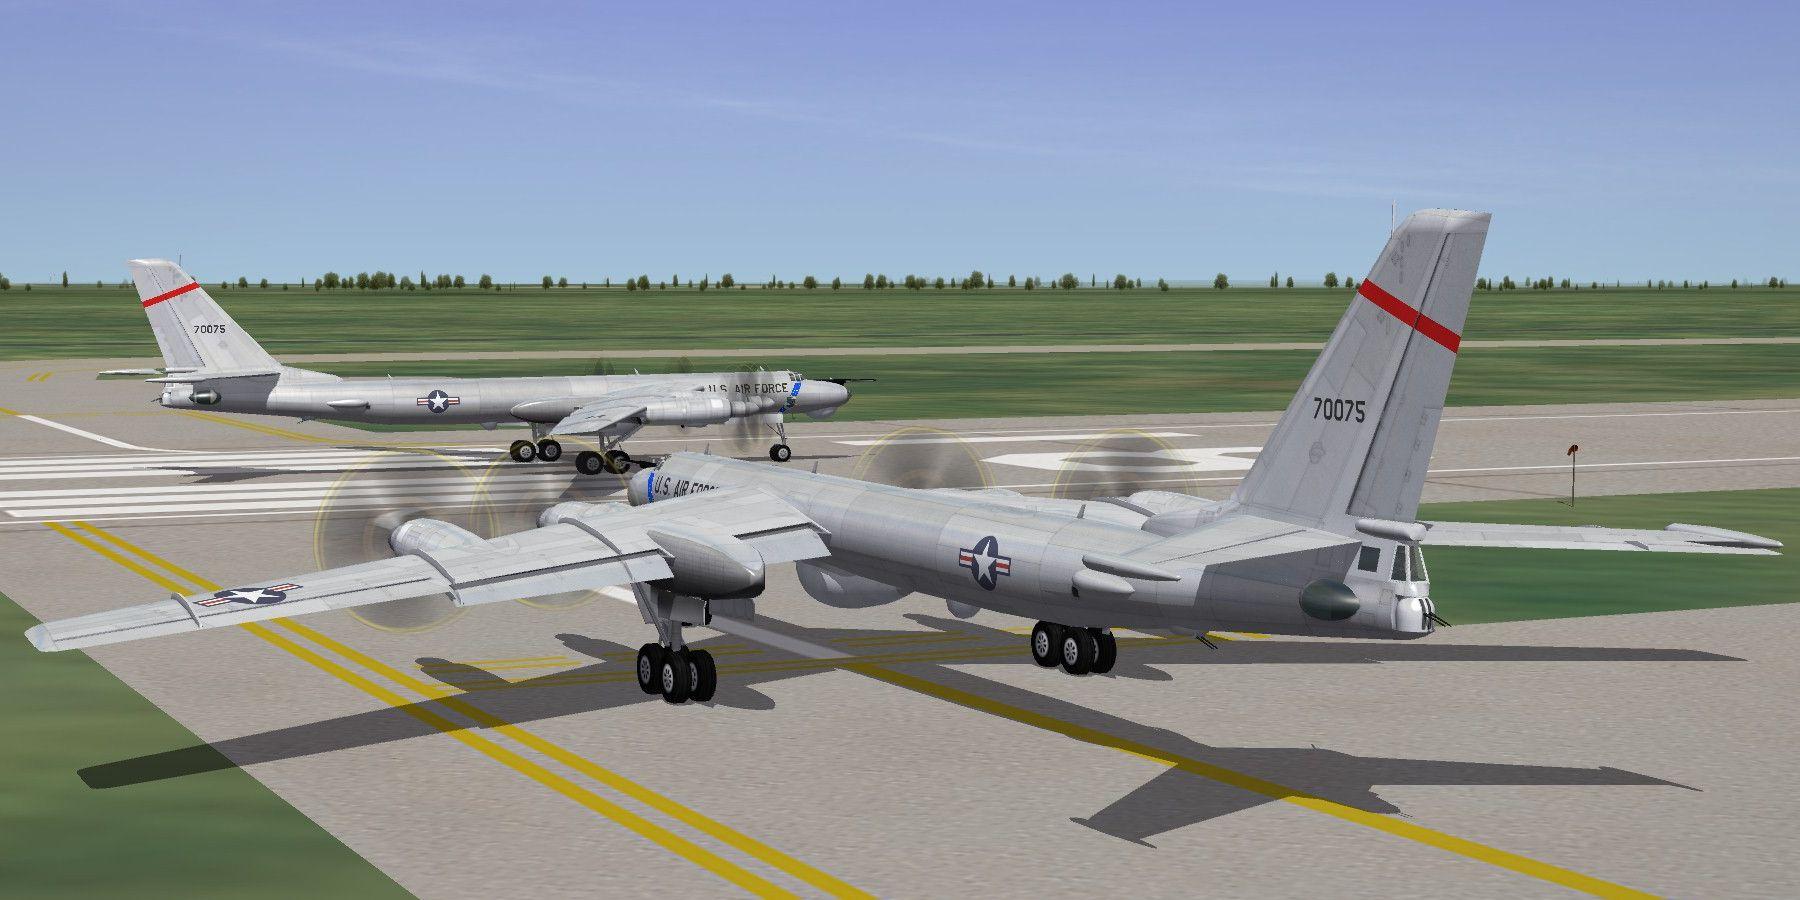 USAFRB-55DSTRATOSTRIKE01_zps9a0dcf6f.jpg